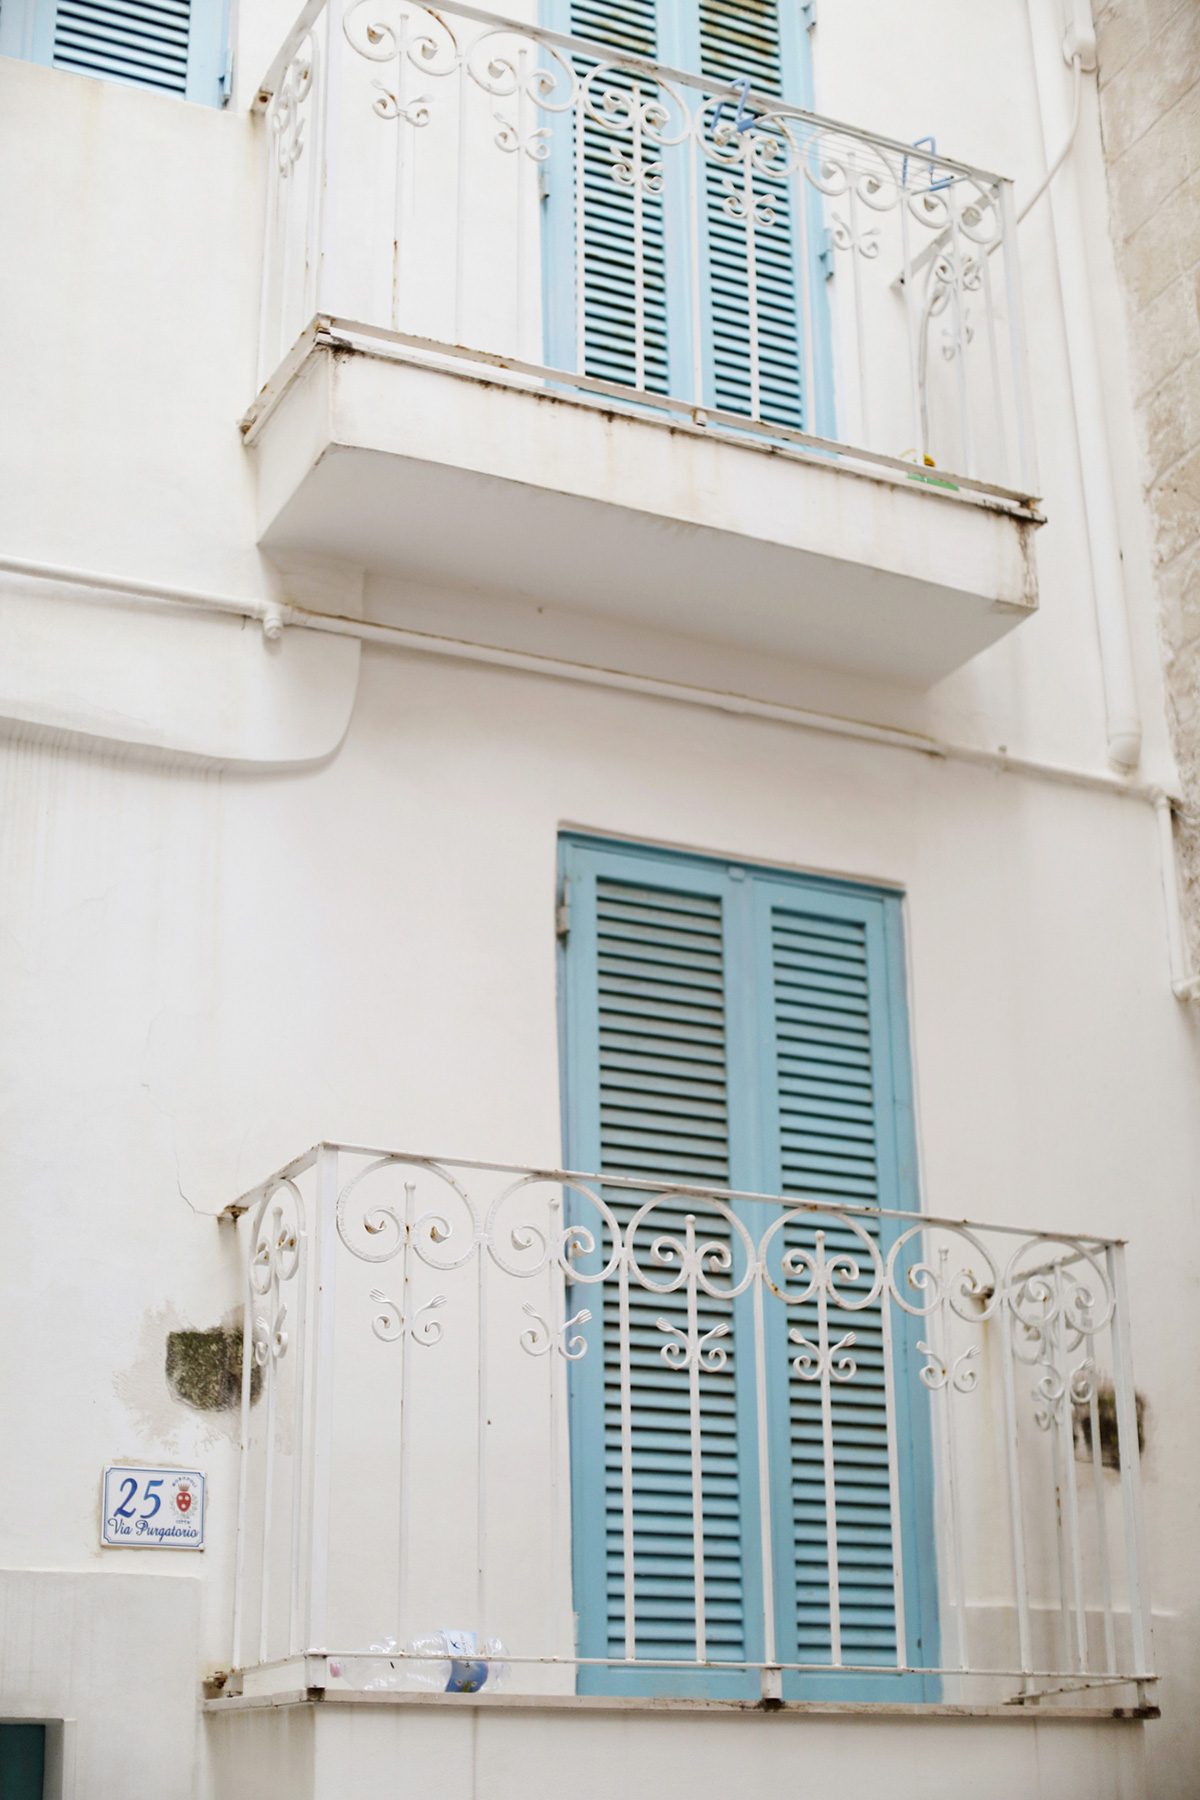 شرفات بيضاء وأبواب مصراع زرقاء في يوميات السفر البصري بوليا